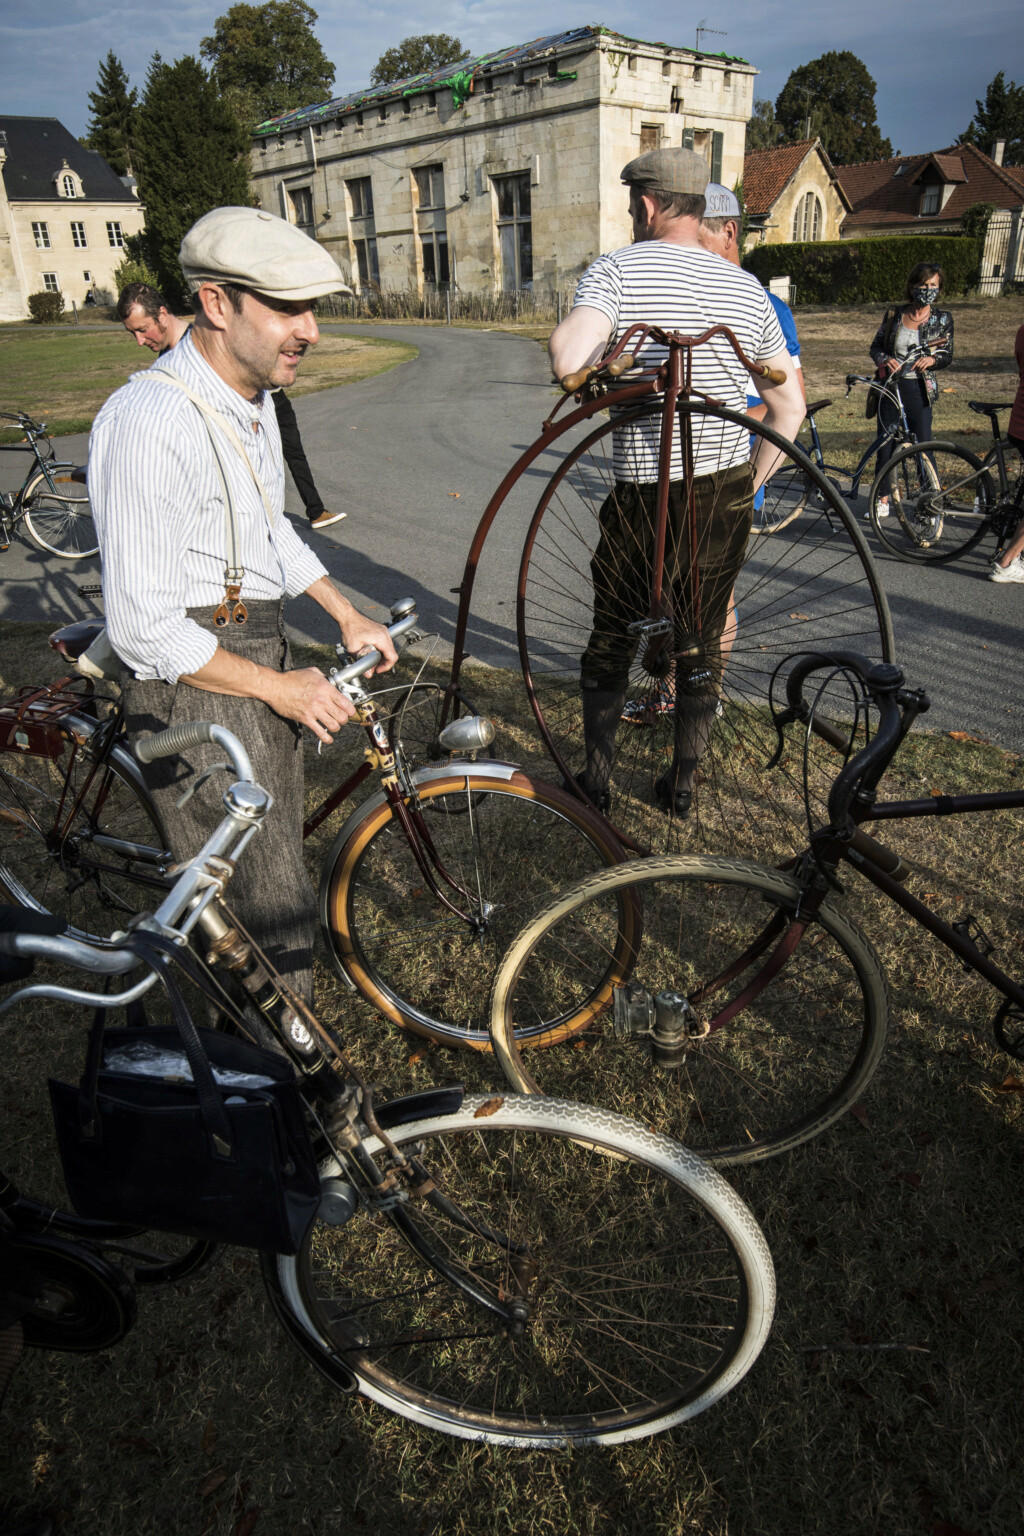 La vieille compagnie en bicyclette 20/09/2020 - Page 2 Paolov11